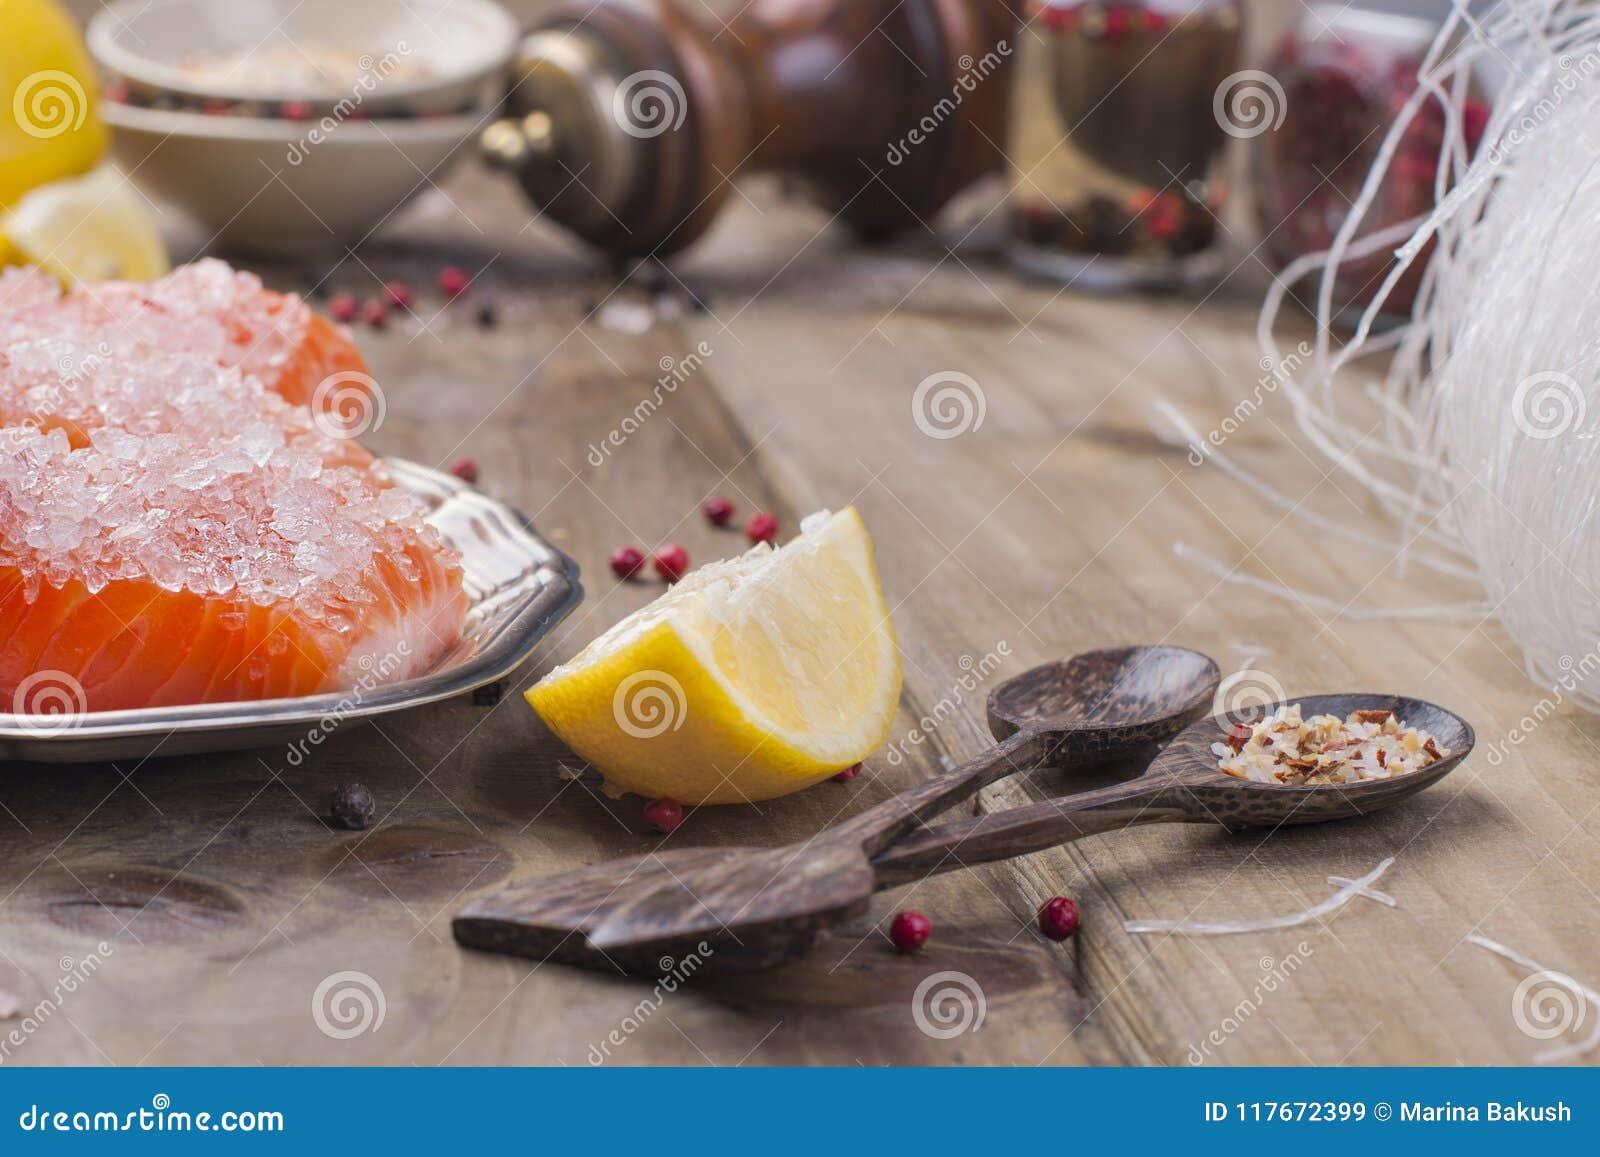 Thailändsk mat, ingredienser Risnudlar och lax, citron och kryddor dietary mat Stil wabisabi sund mat spelrum med lampa